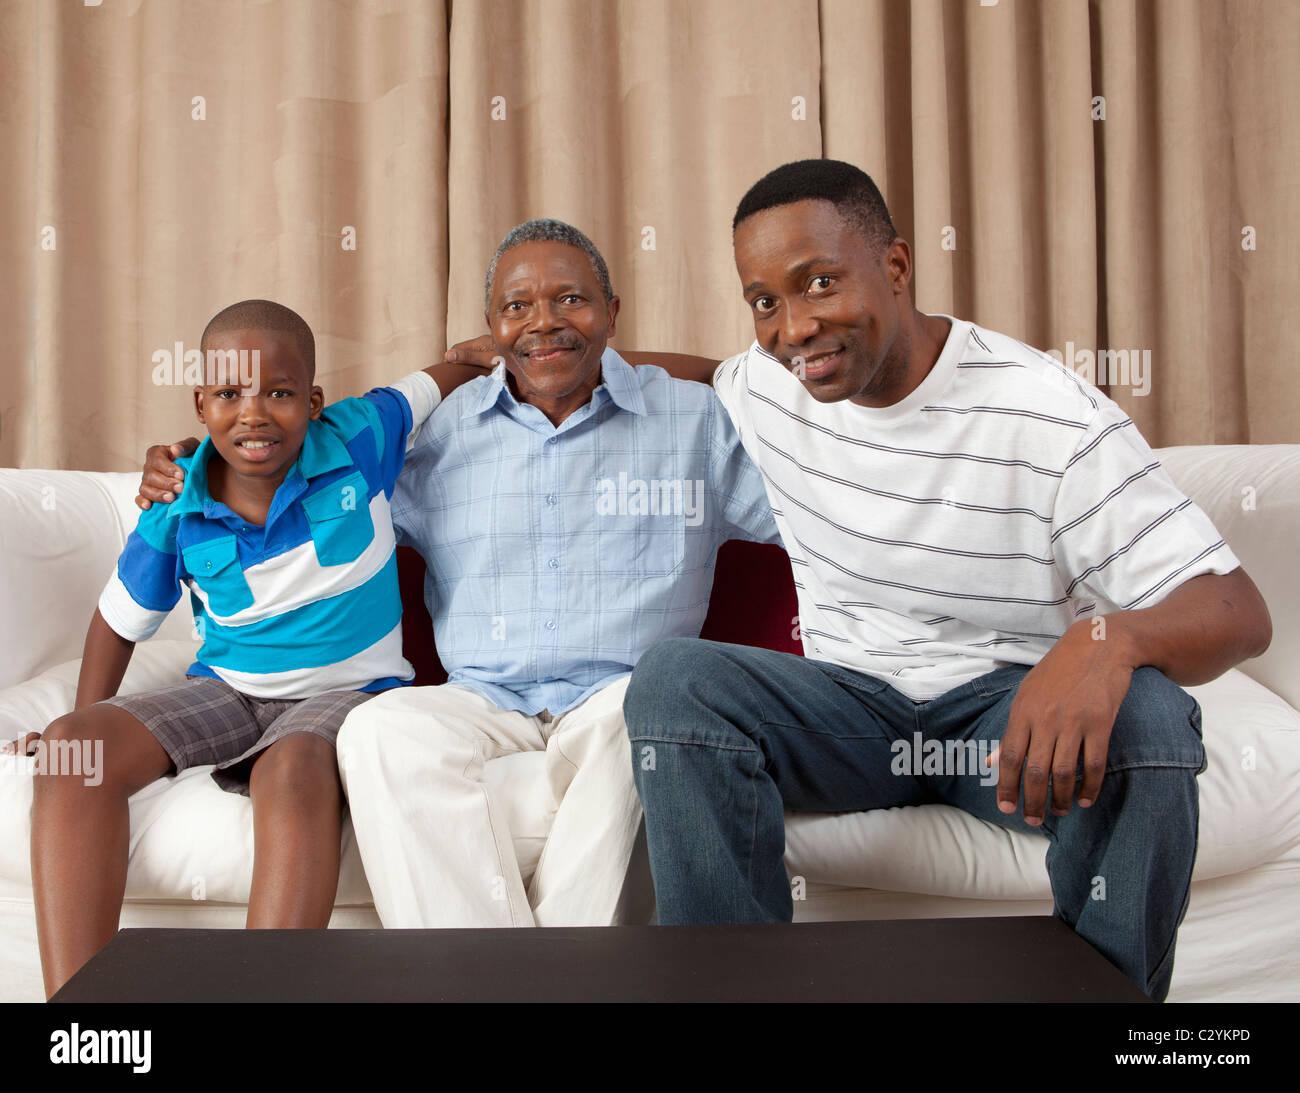 Trois générations d'hommes sur le canapé, Johannesburg, Afrique du Sud Photo Stock